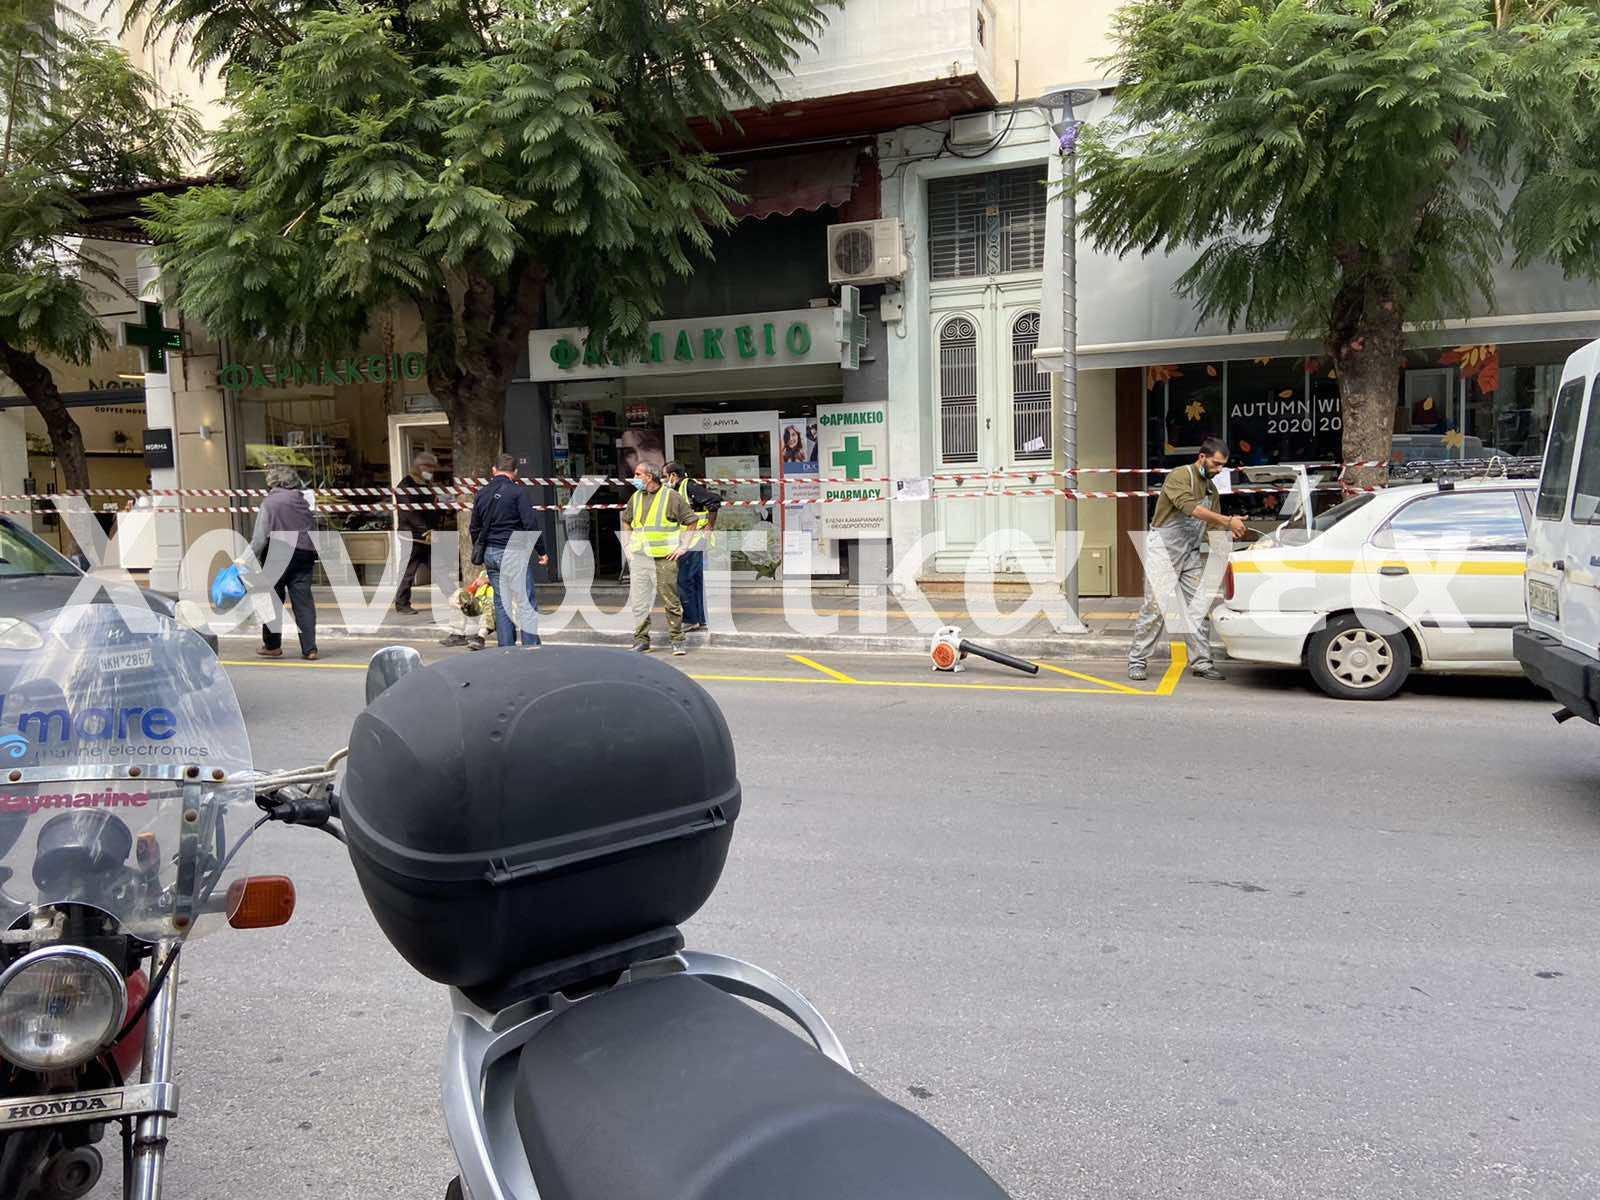 Χανιά: Σοβαρό σχεδιασμό για ποδηλατόδρομους ζητά η αντιπολίτευση